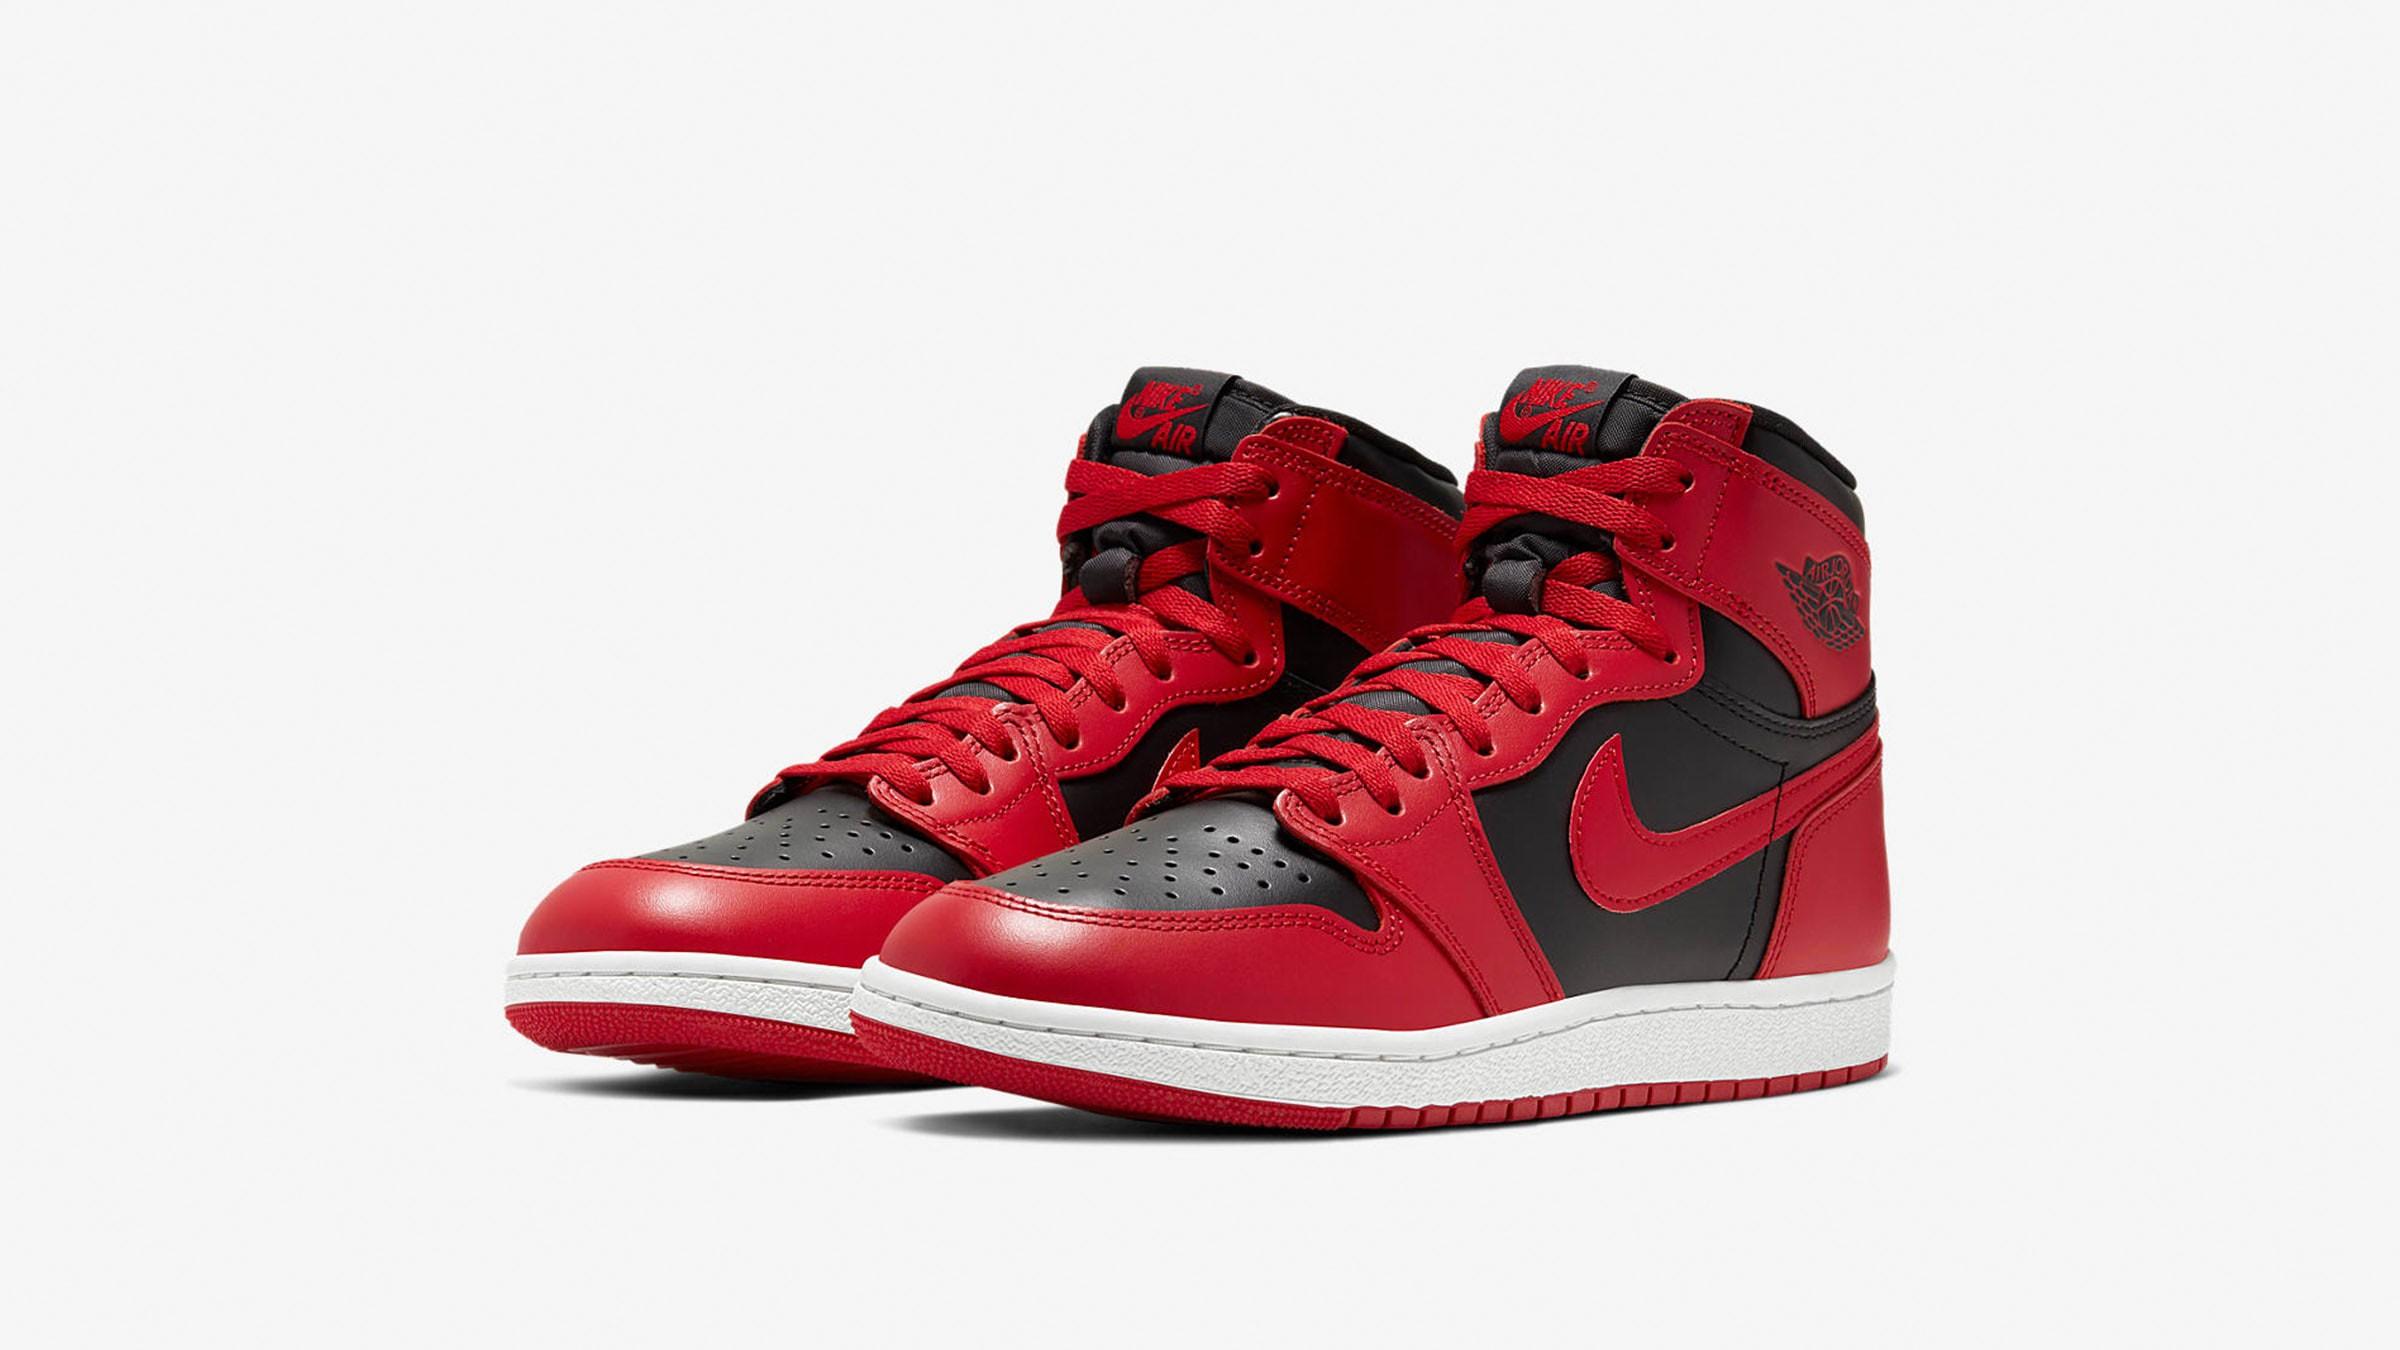 2月8日 発売予定 AIR JORDAN 1 HIGH '85 VARSITY RED & BLACK (BQ4422-600)